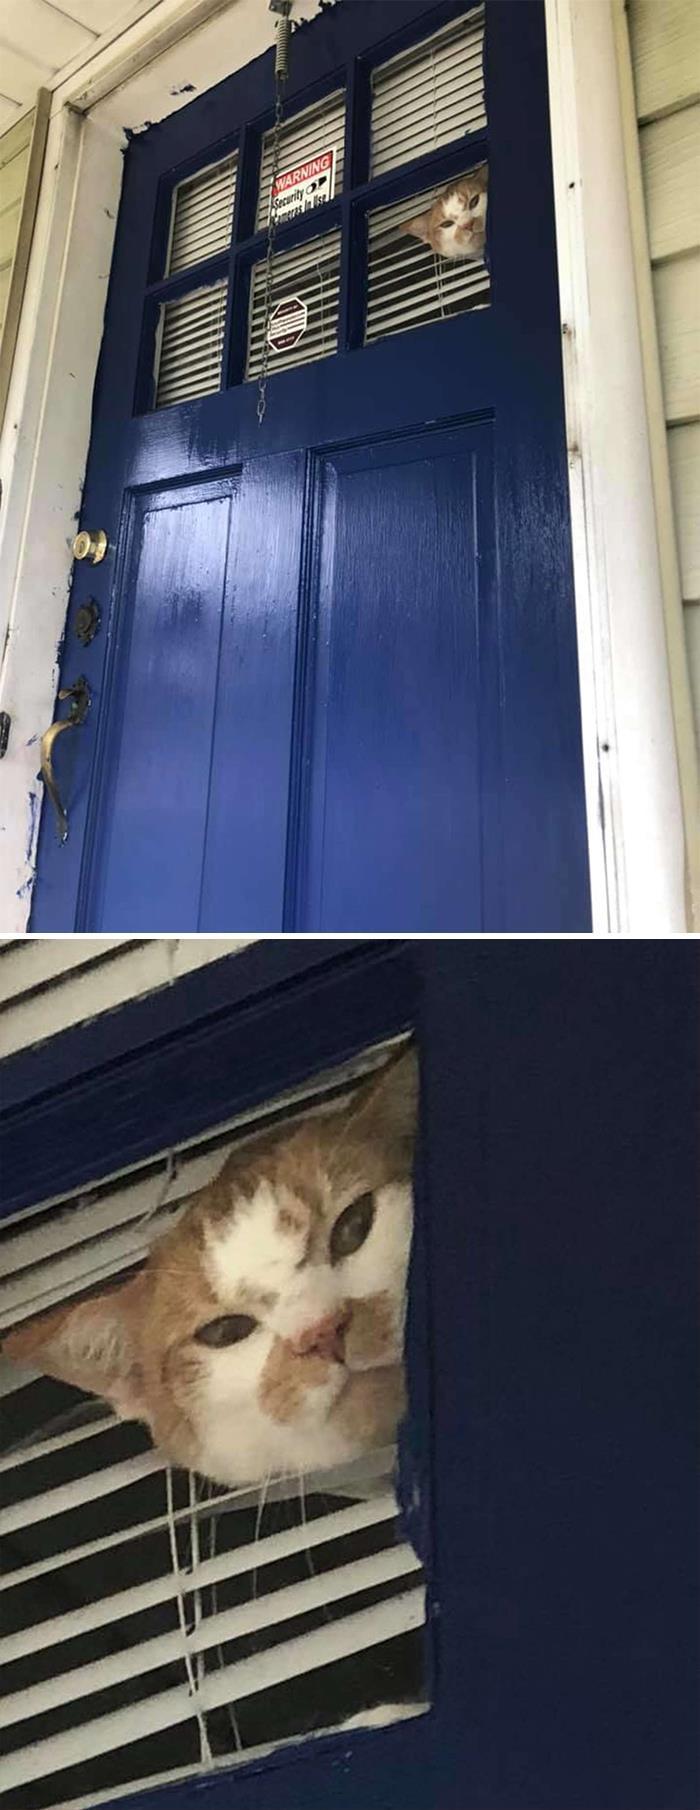 35 fotos de gatos hilariantes que você precisa ver 34